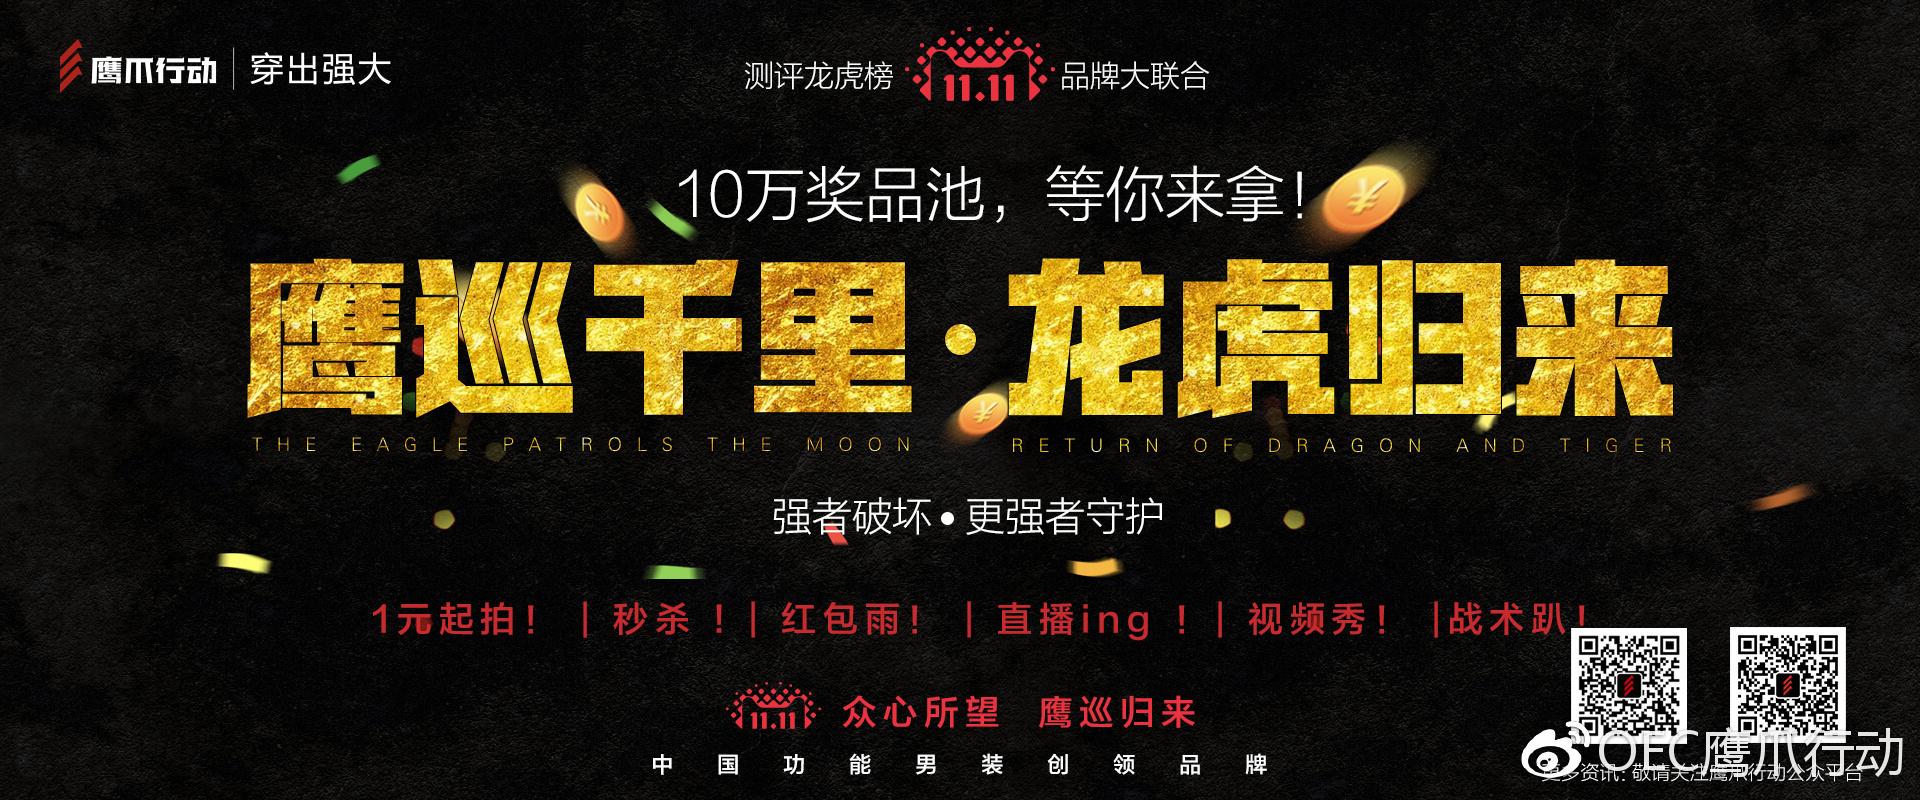 11.11 品牌大联合!| 鹰巡千里·龙虎归来 !!